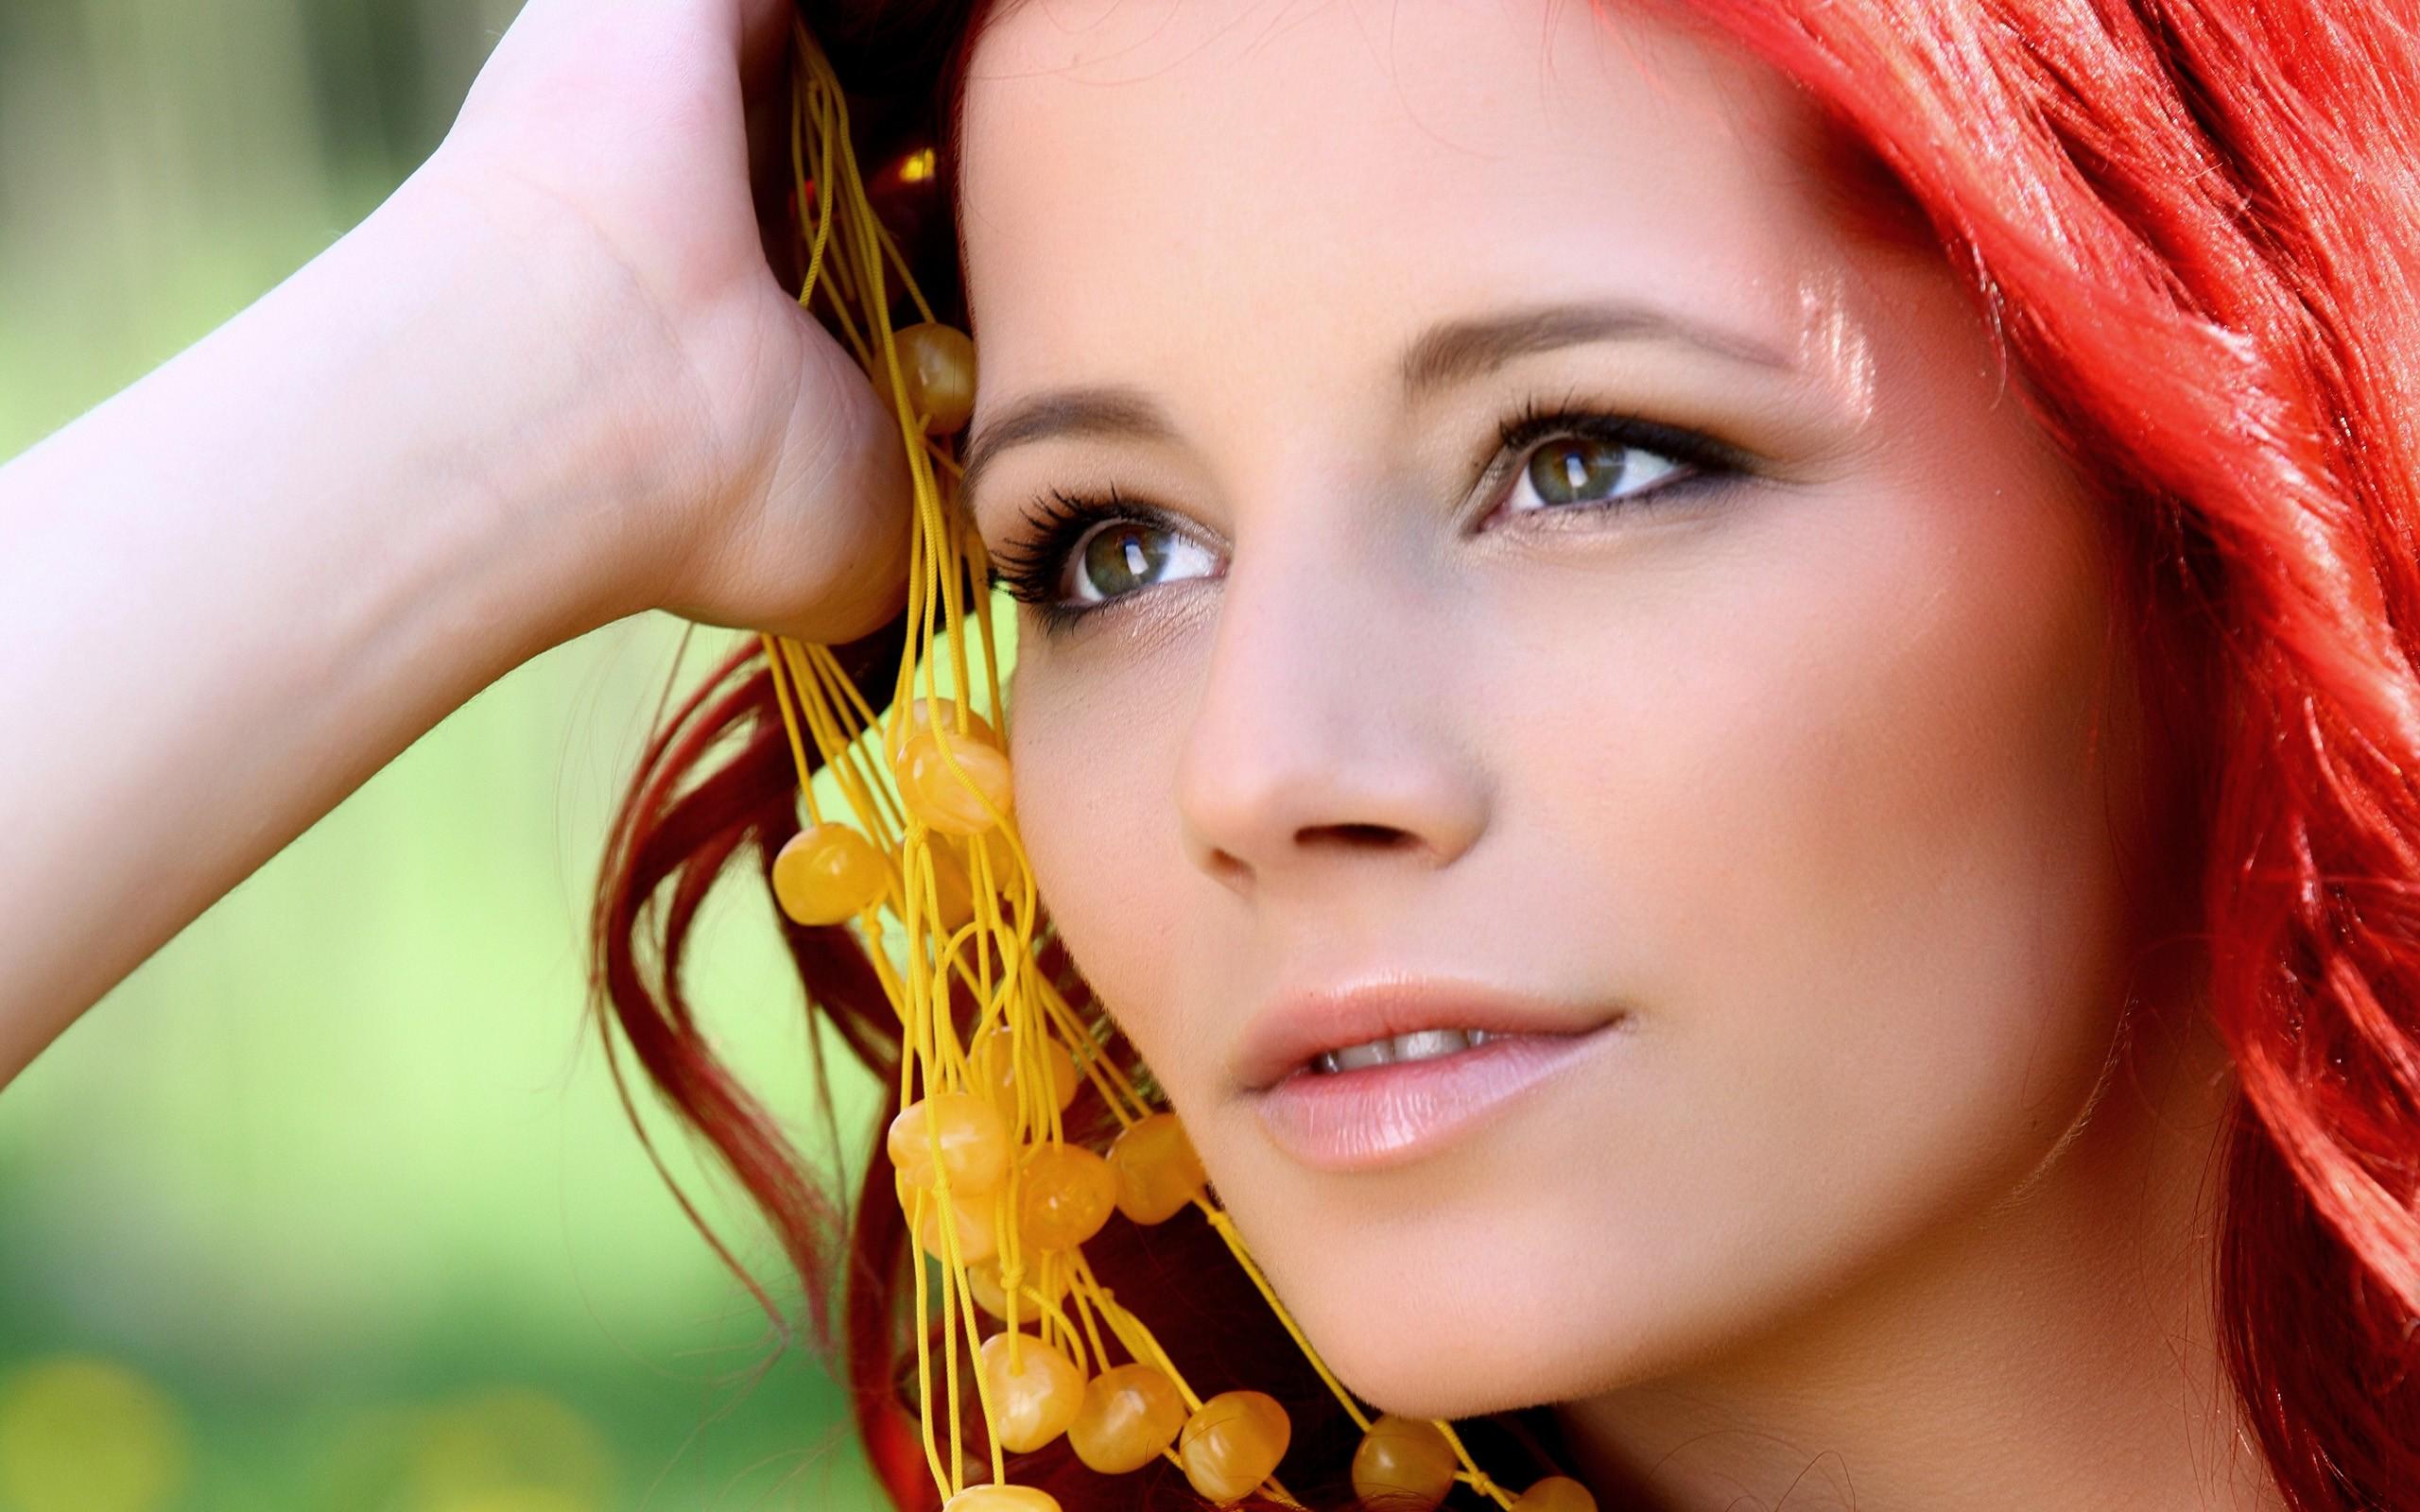 Ariel Piper